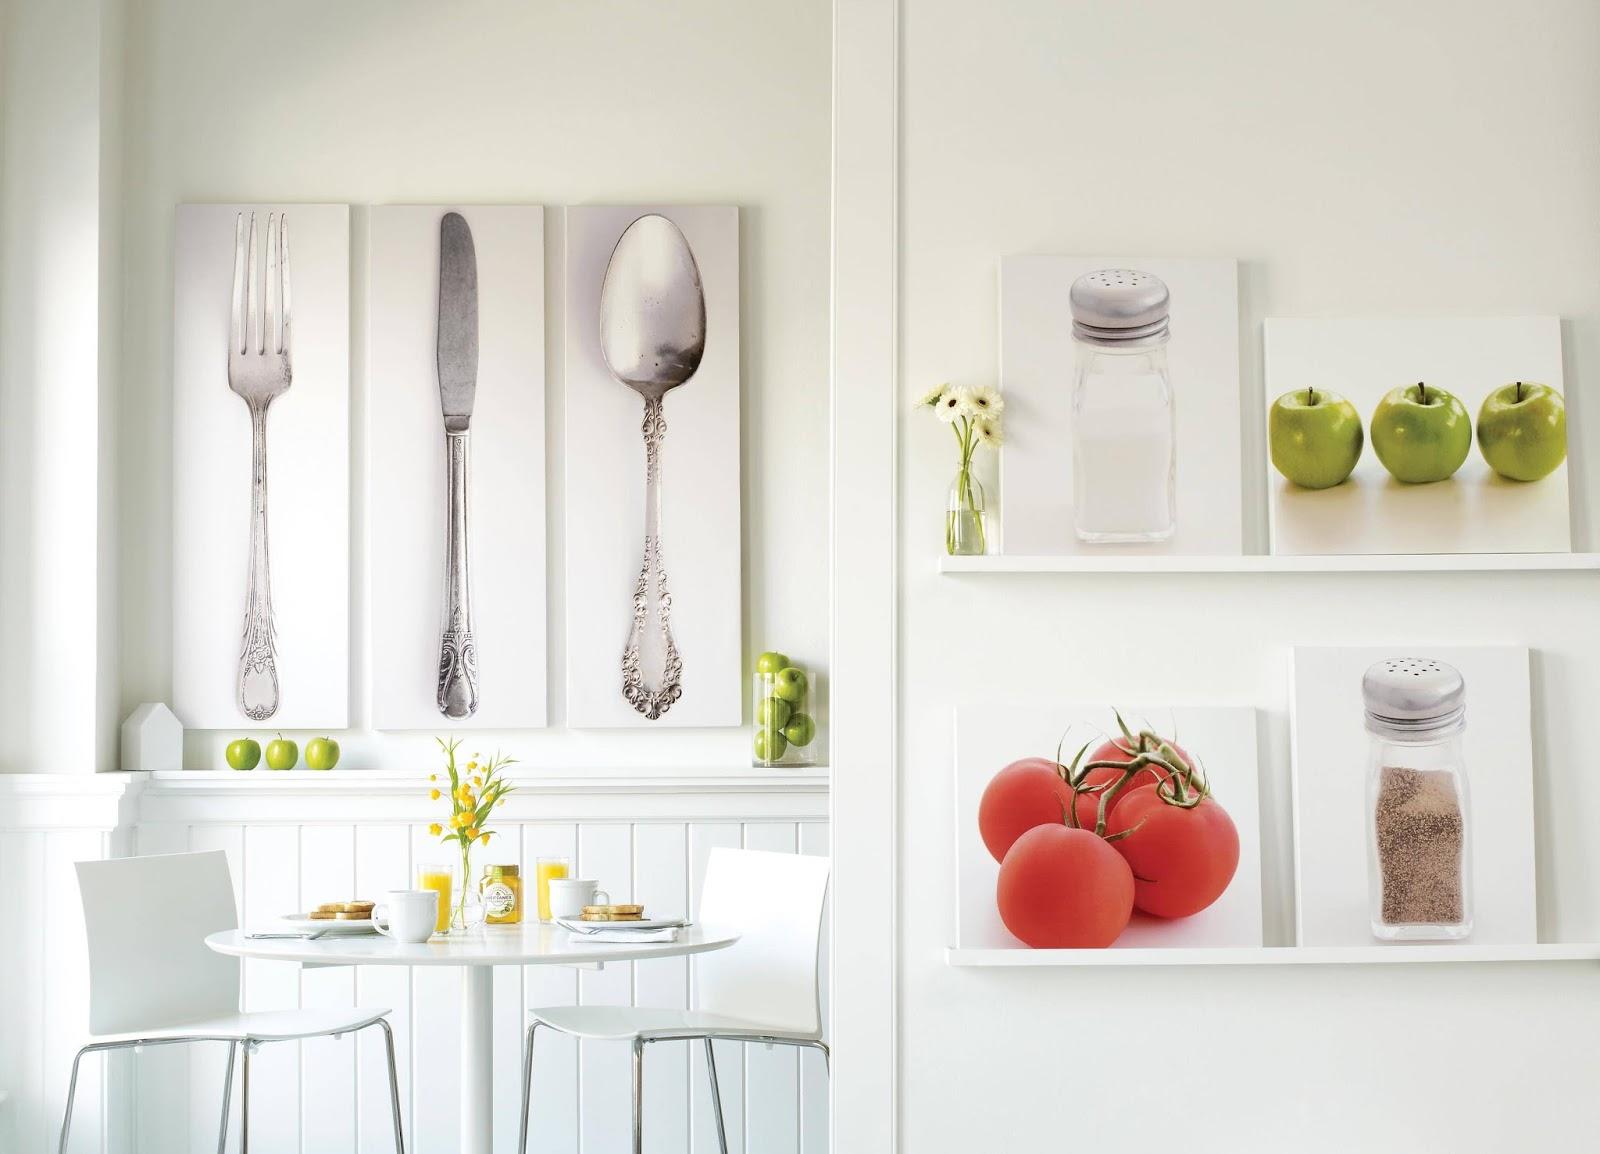 Modern Kitchen Wall Decor Ideas - HD Wallpaper